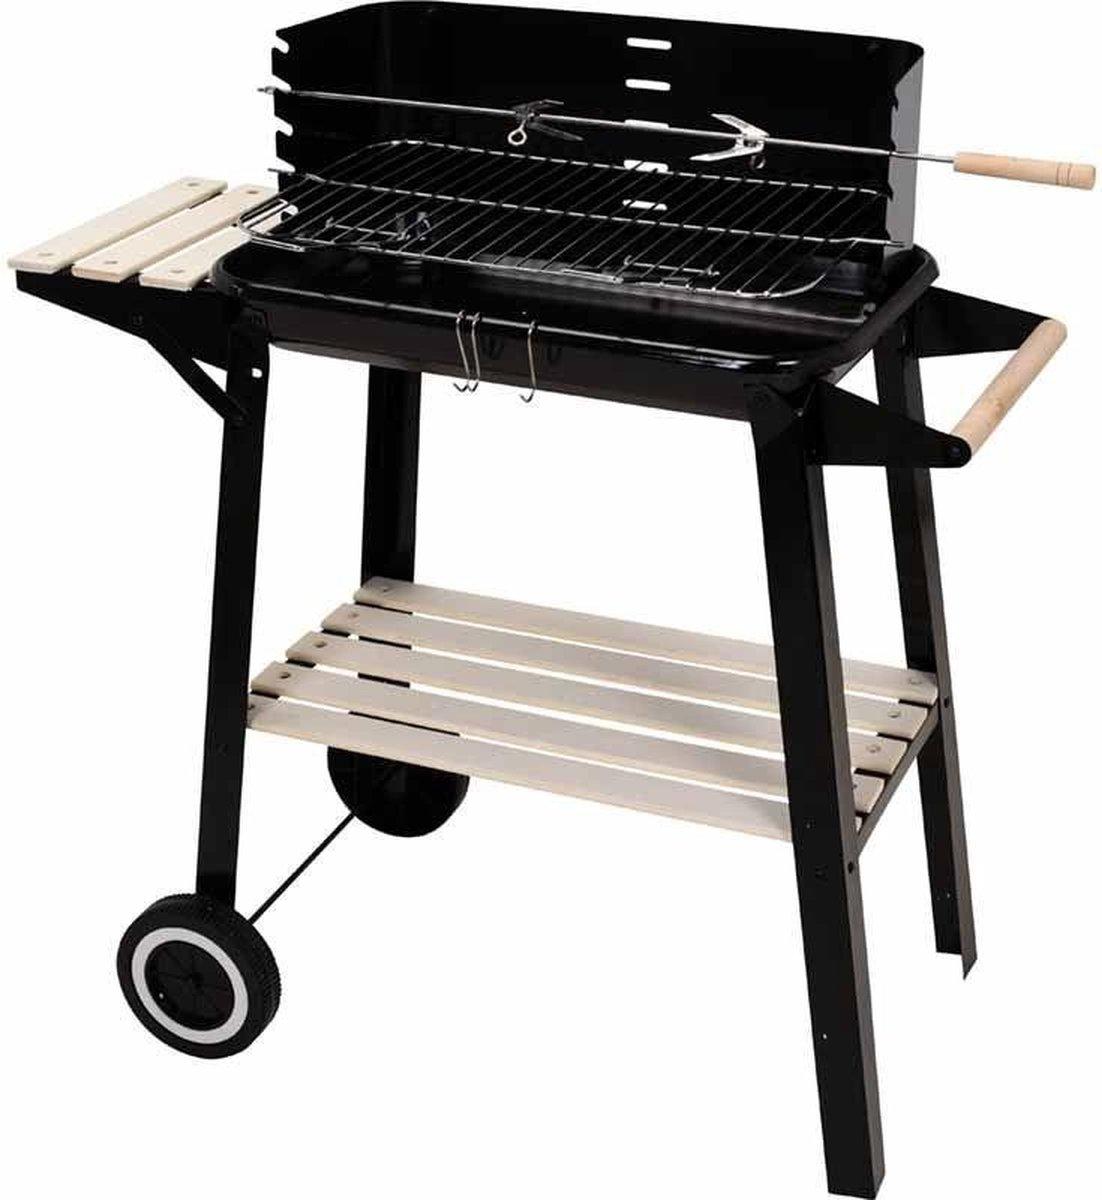 BBQ Verrijdbare Houtskool Barbecue - Grilloppervlak (LxB) 83 x 46 cm - Met Zijtafel - Zwart